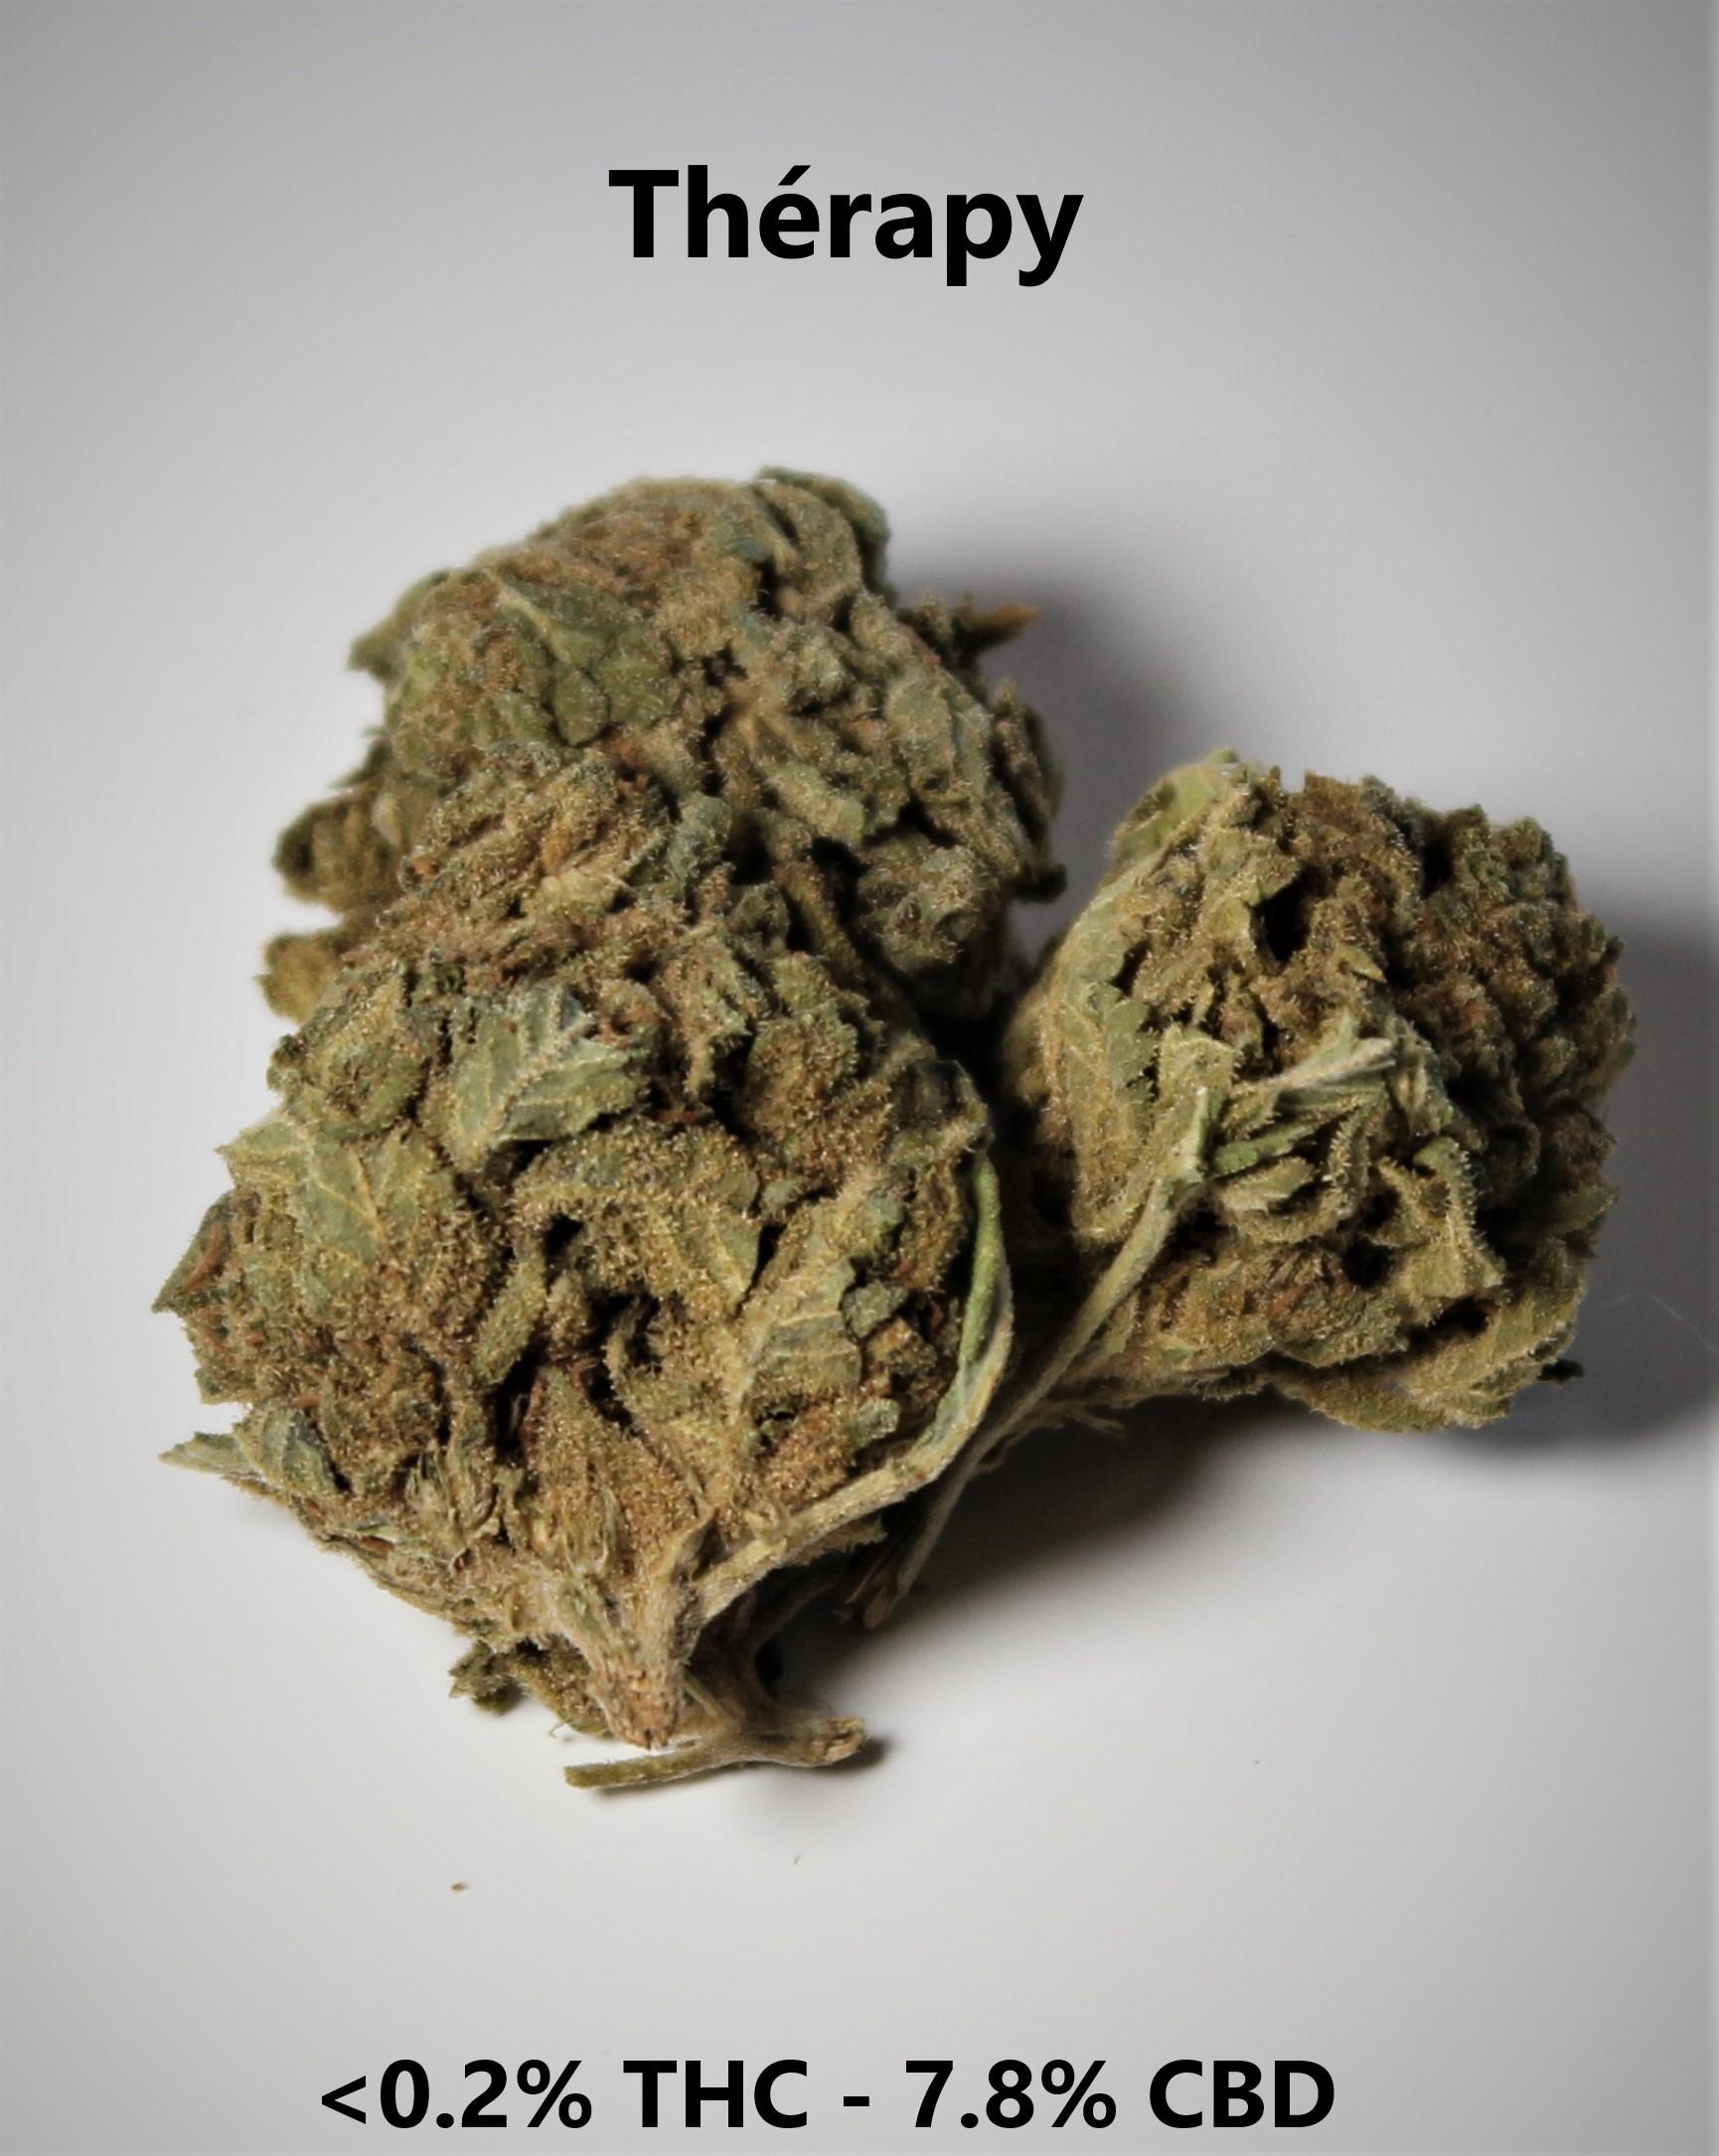 Thérapy   <0.2% THC - 7.8% CBD